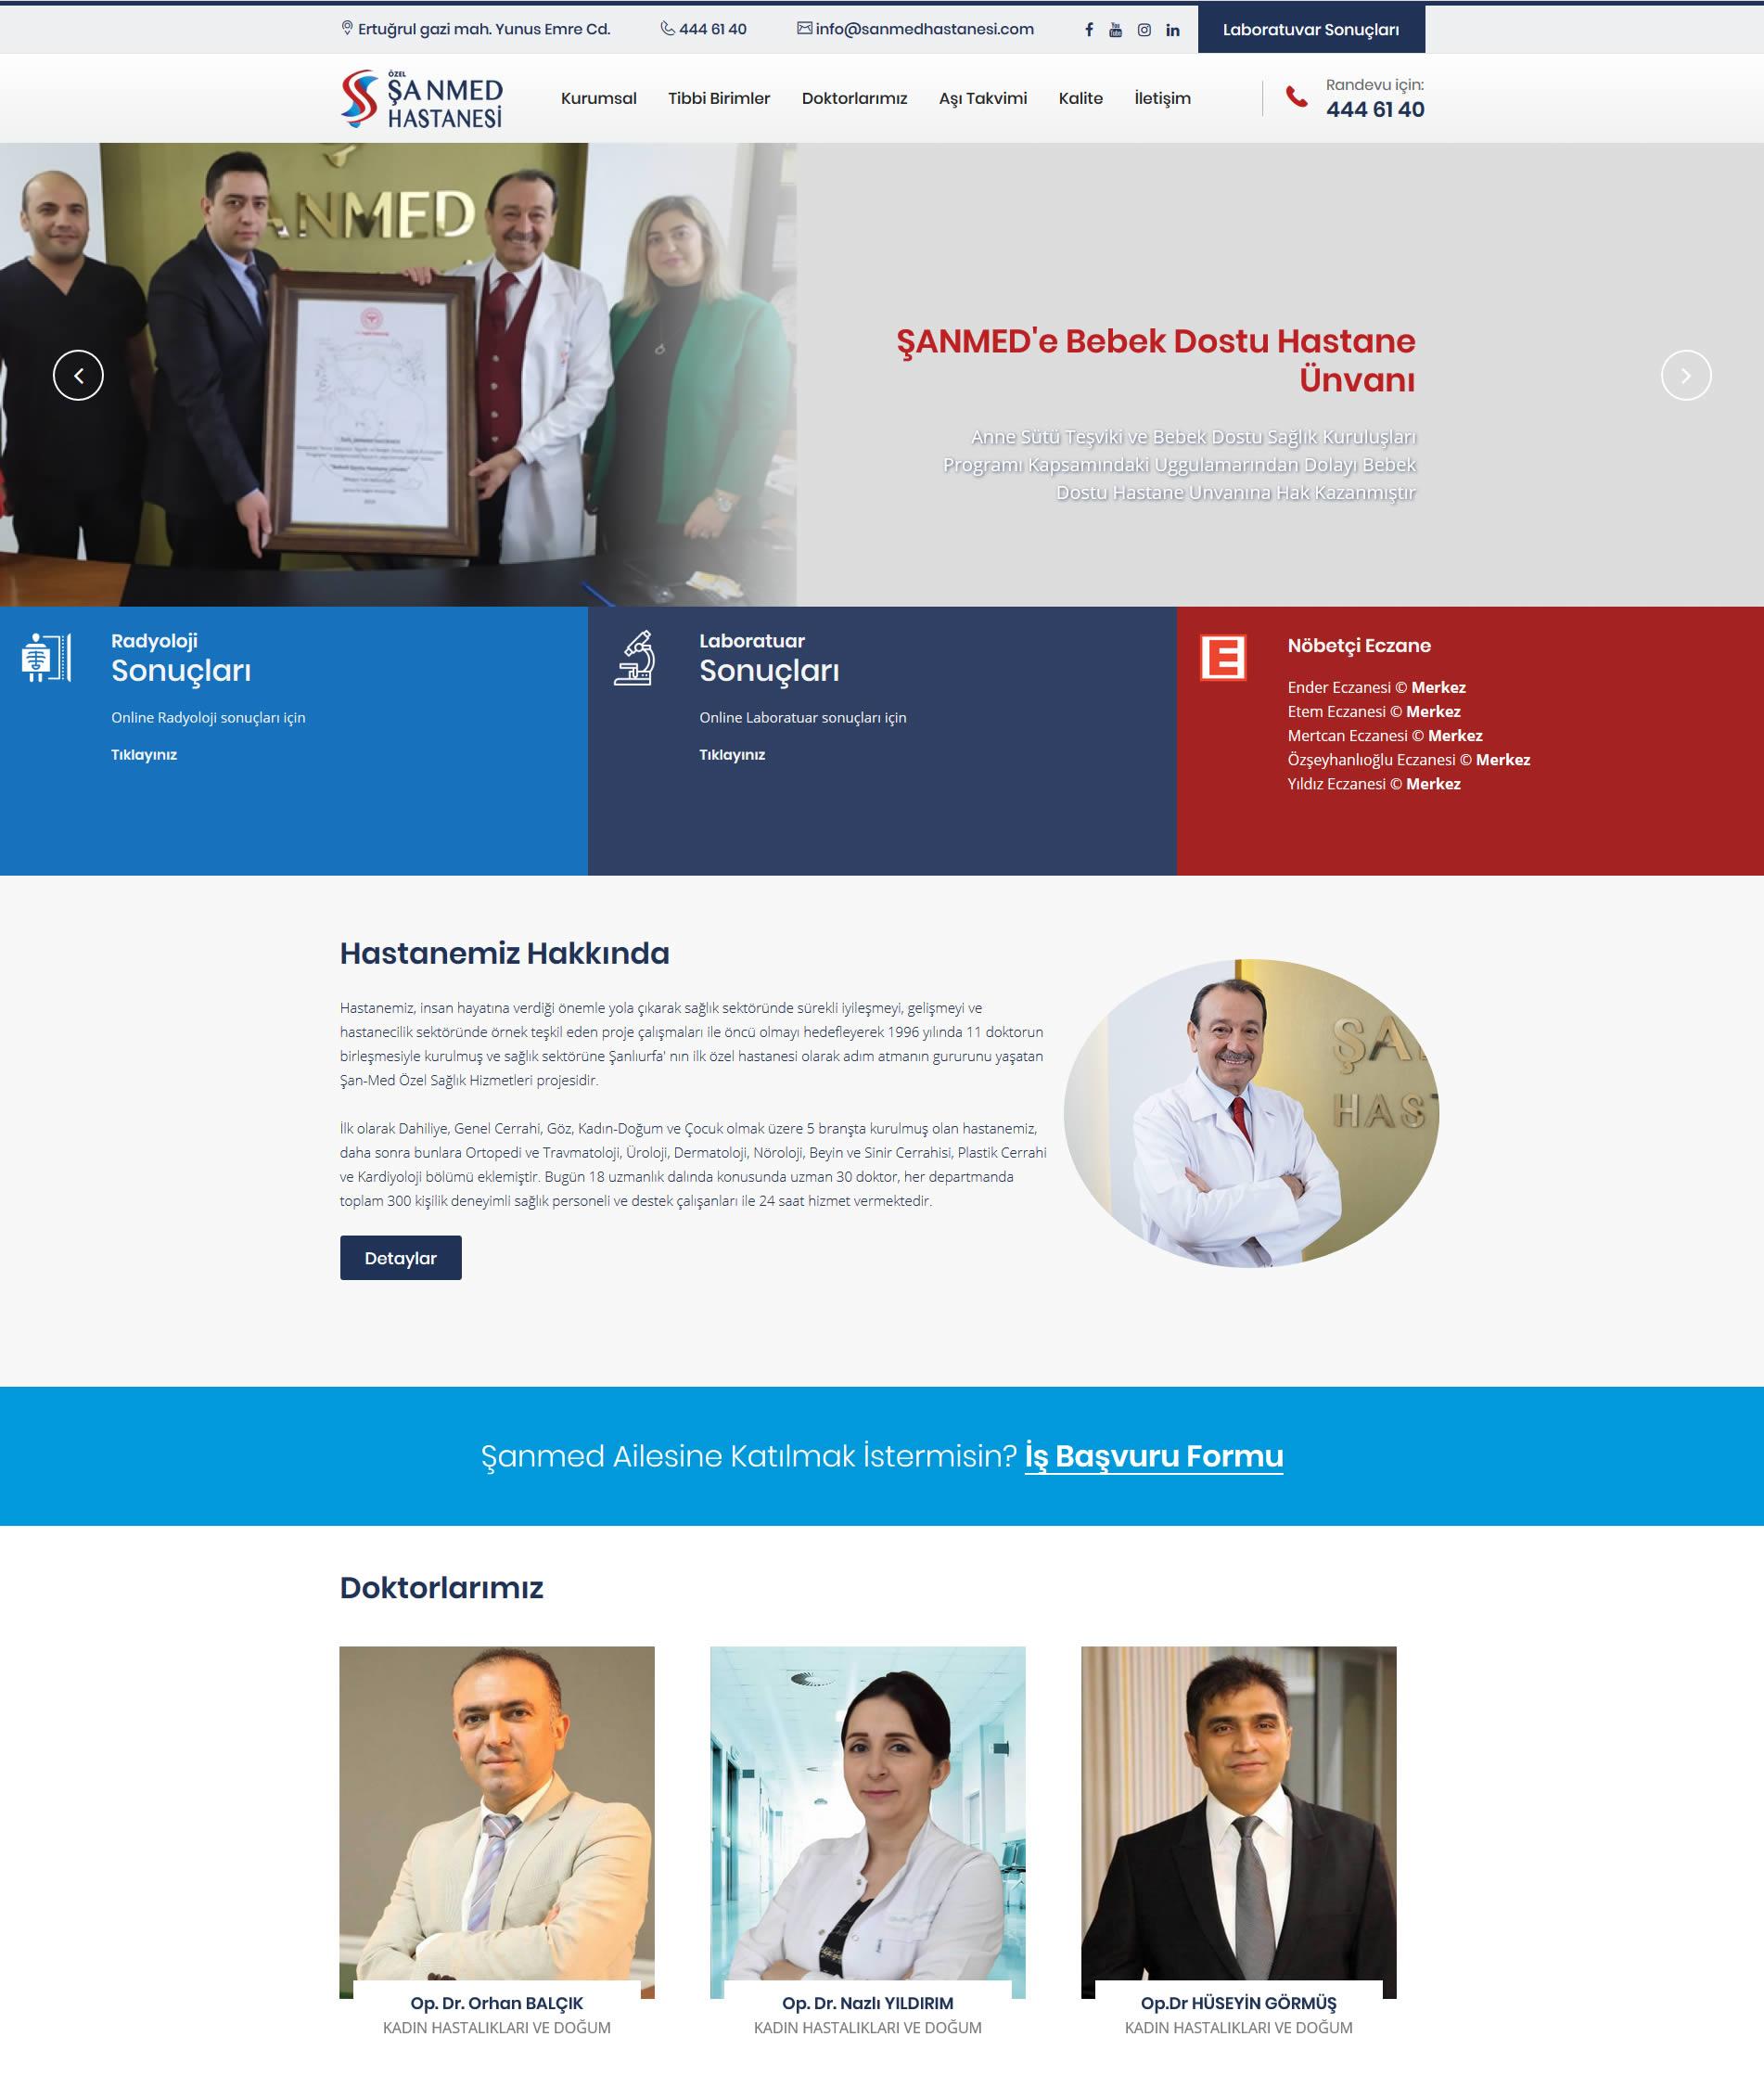 Özel Şanmed Hastanesi Web Sitesi Yayında